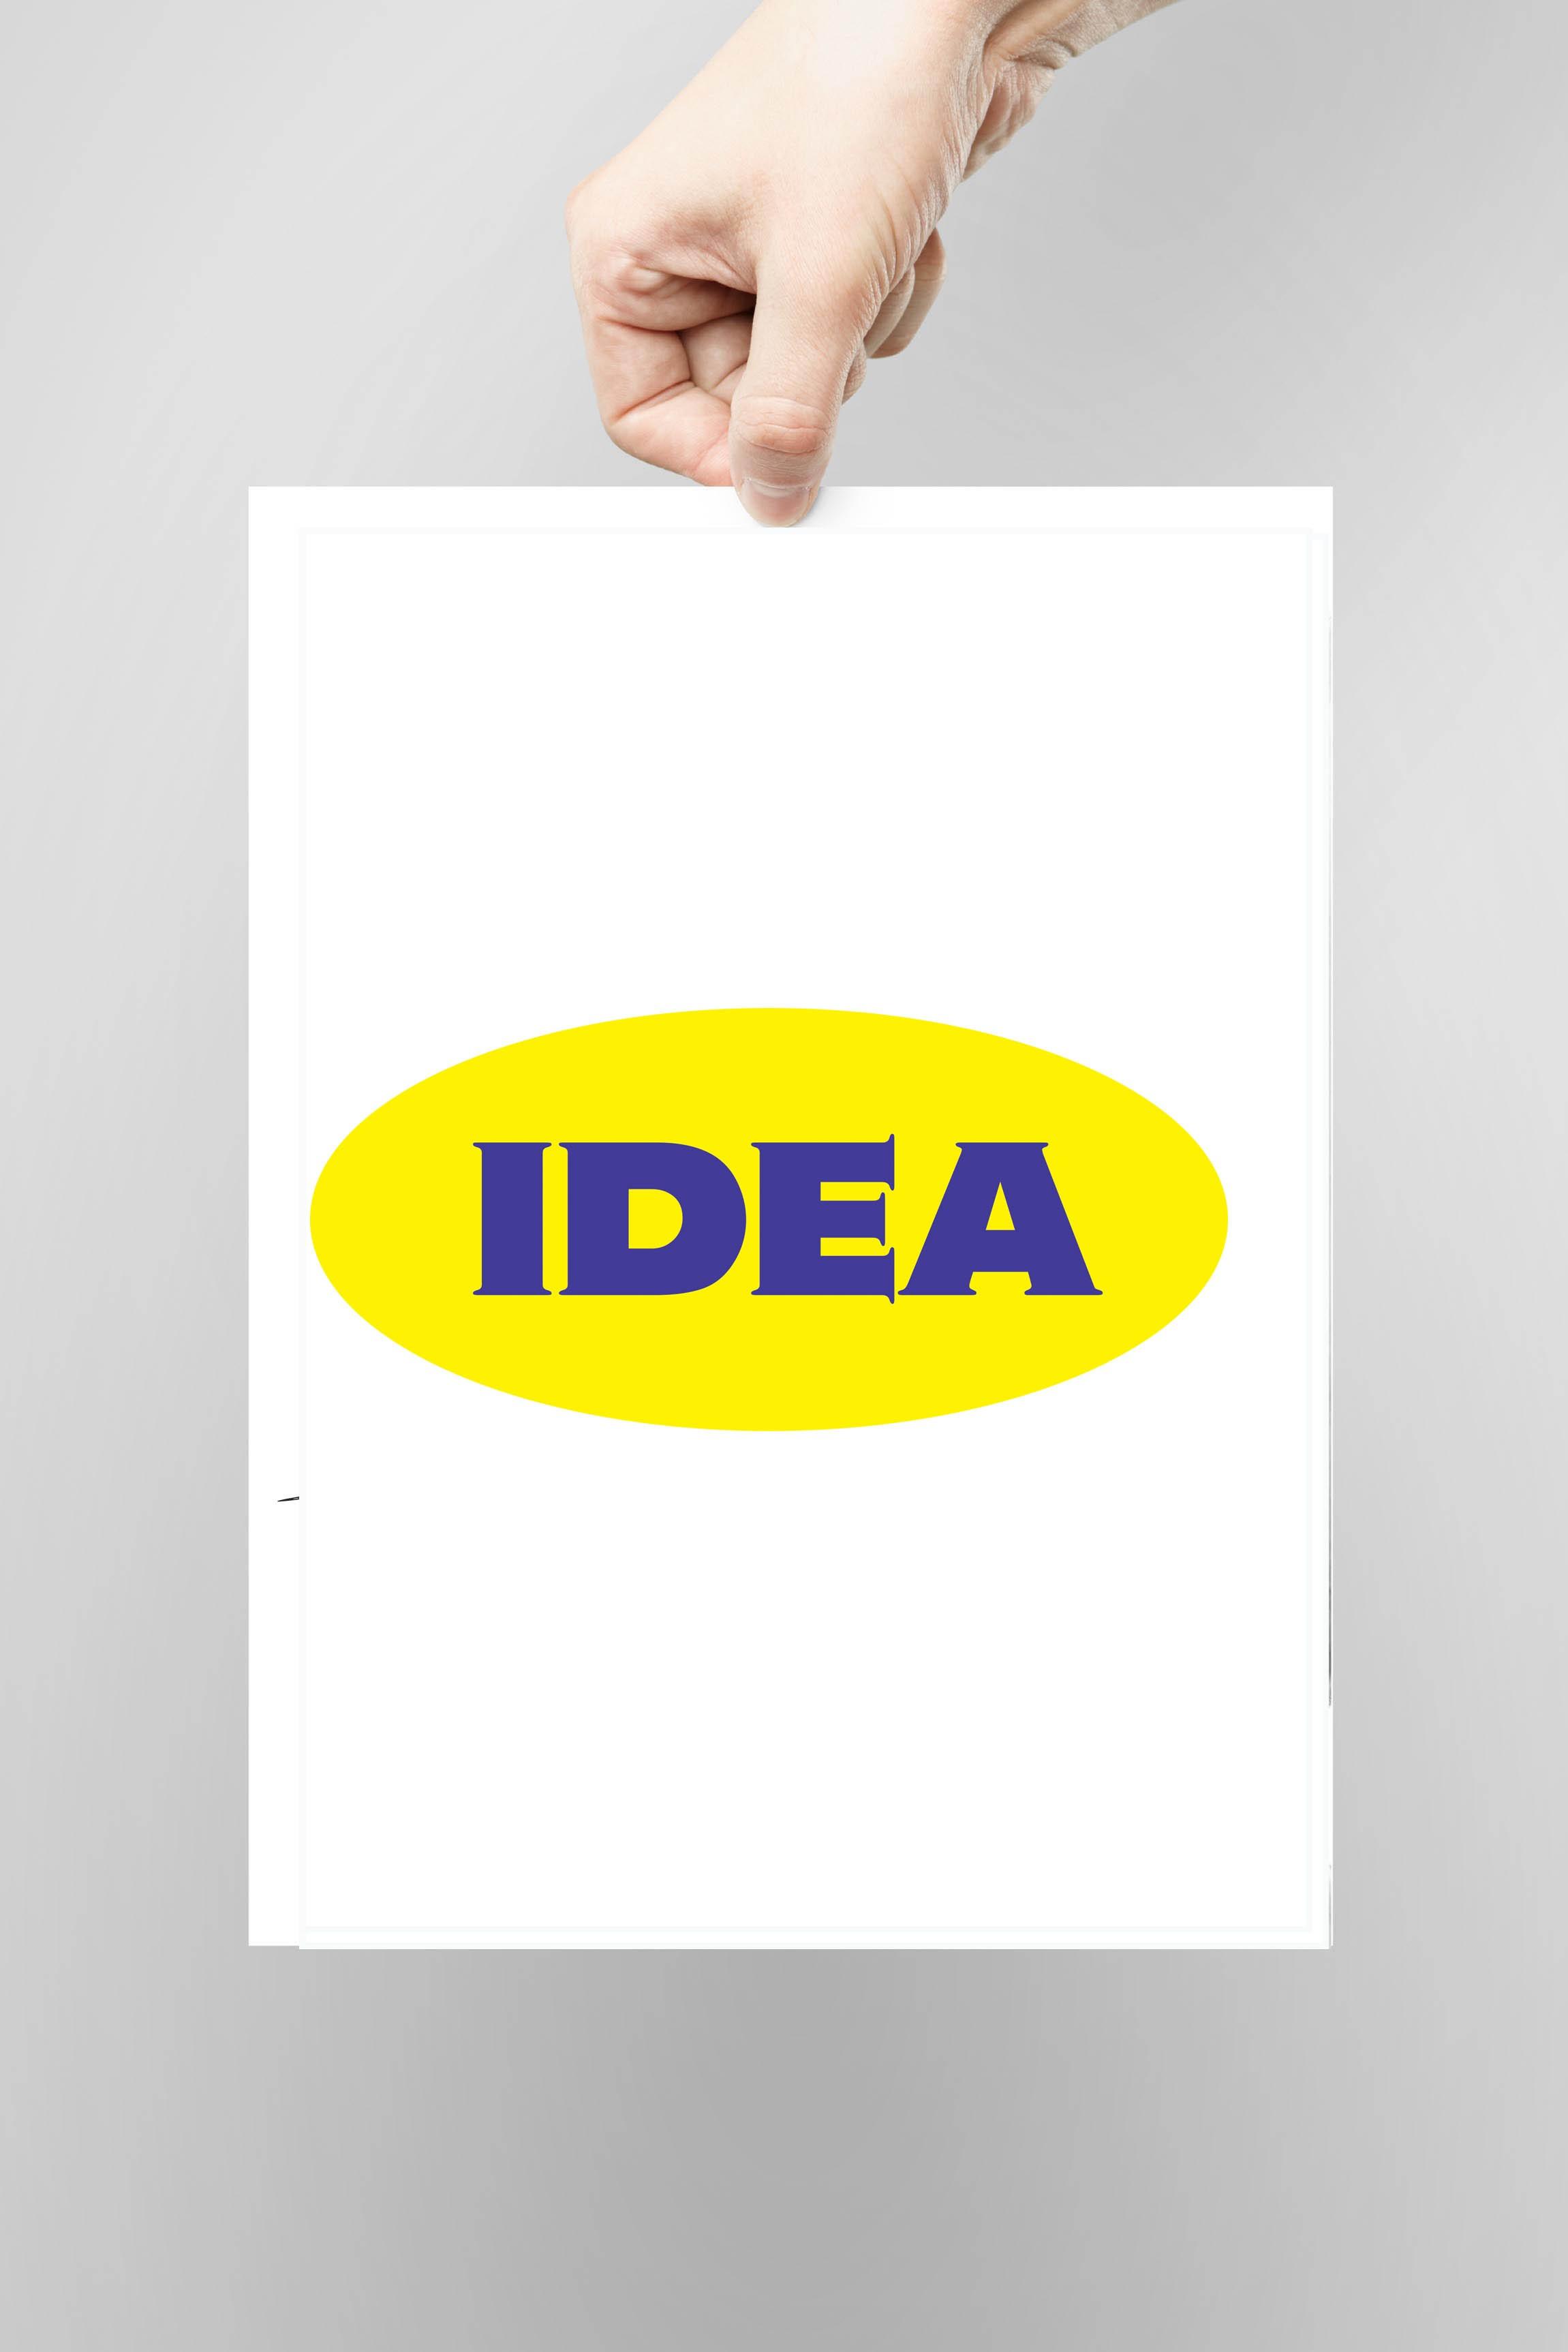 Poster IDEA - Posters - Wall art prints - Shop